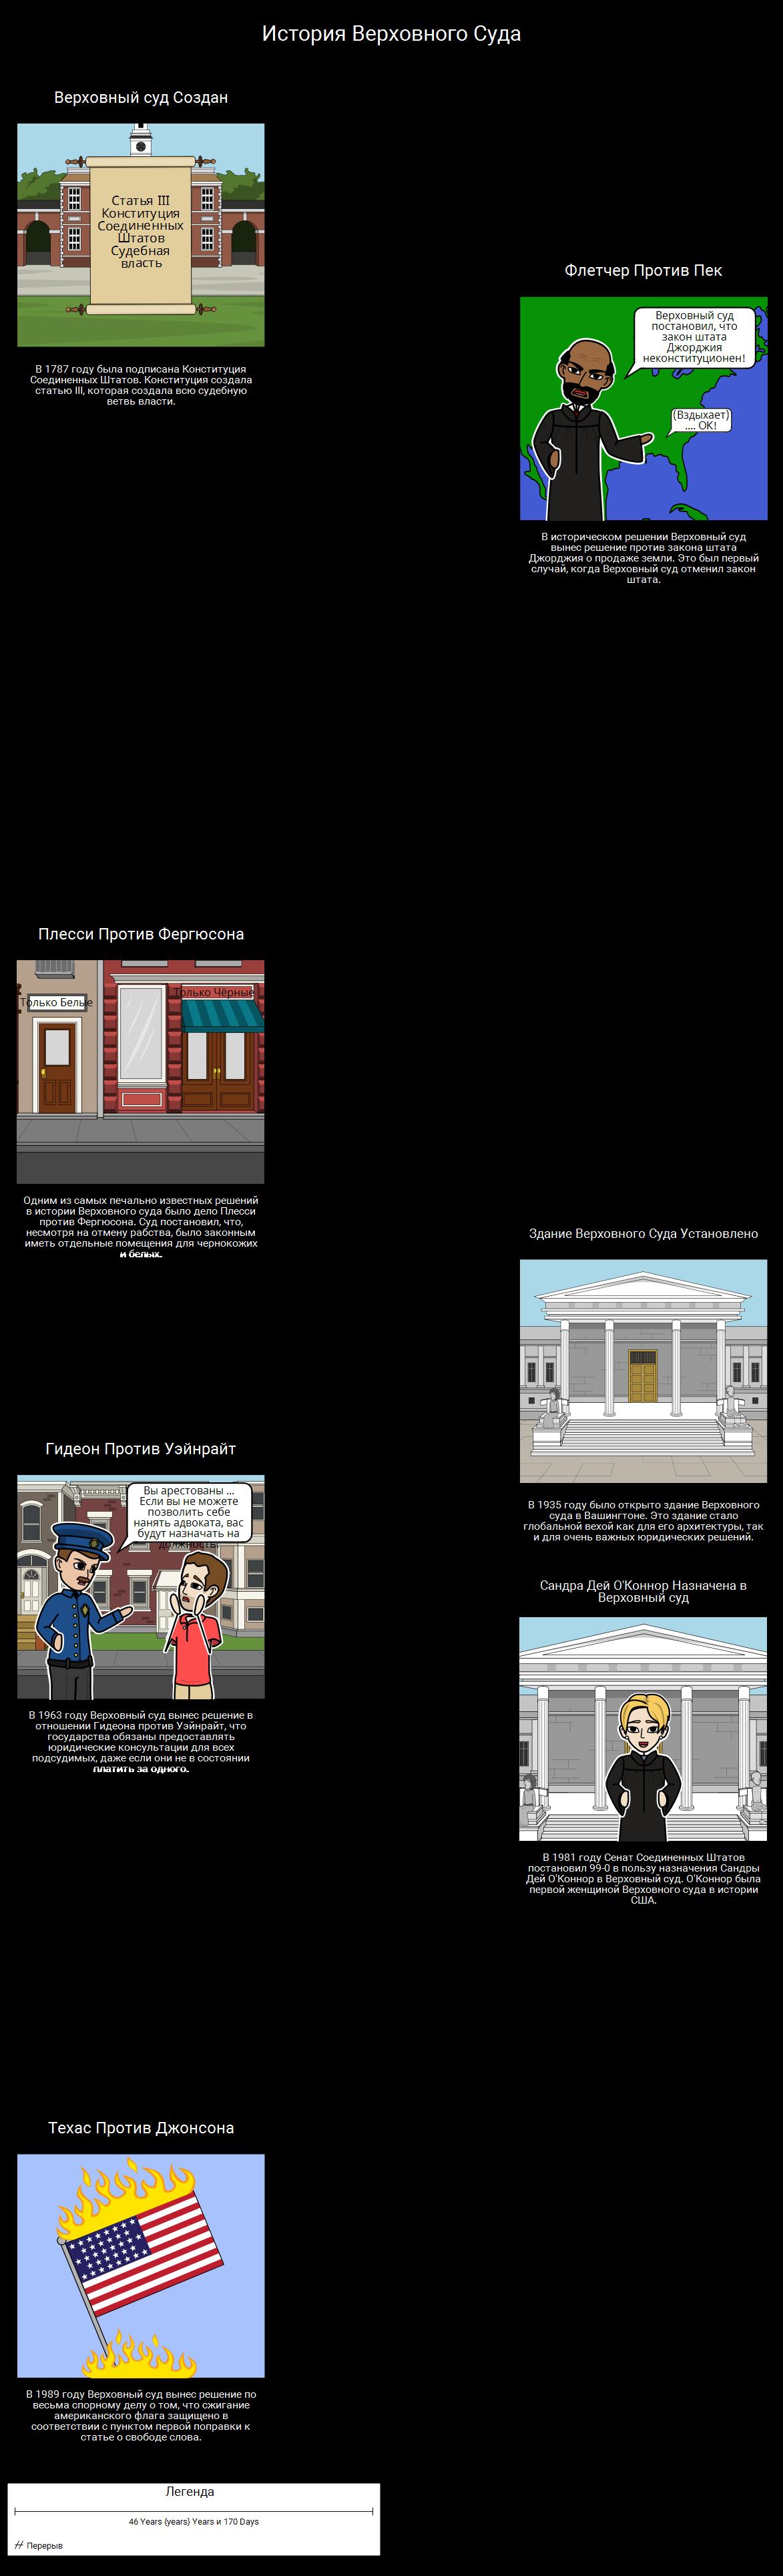 История Верховного Суда Timeline